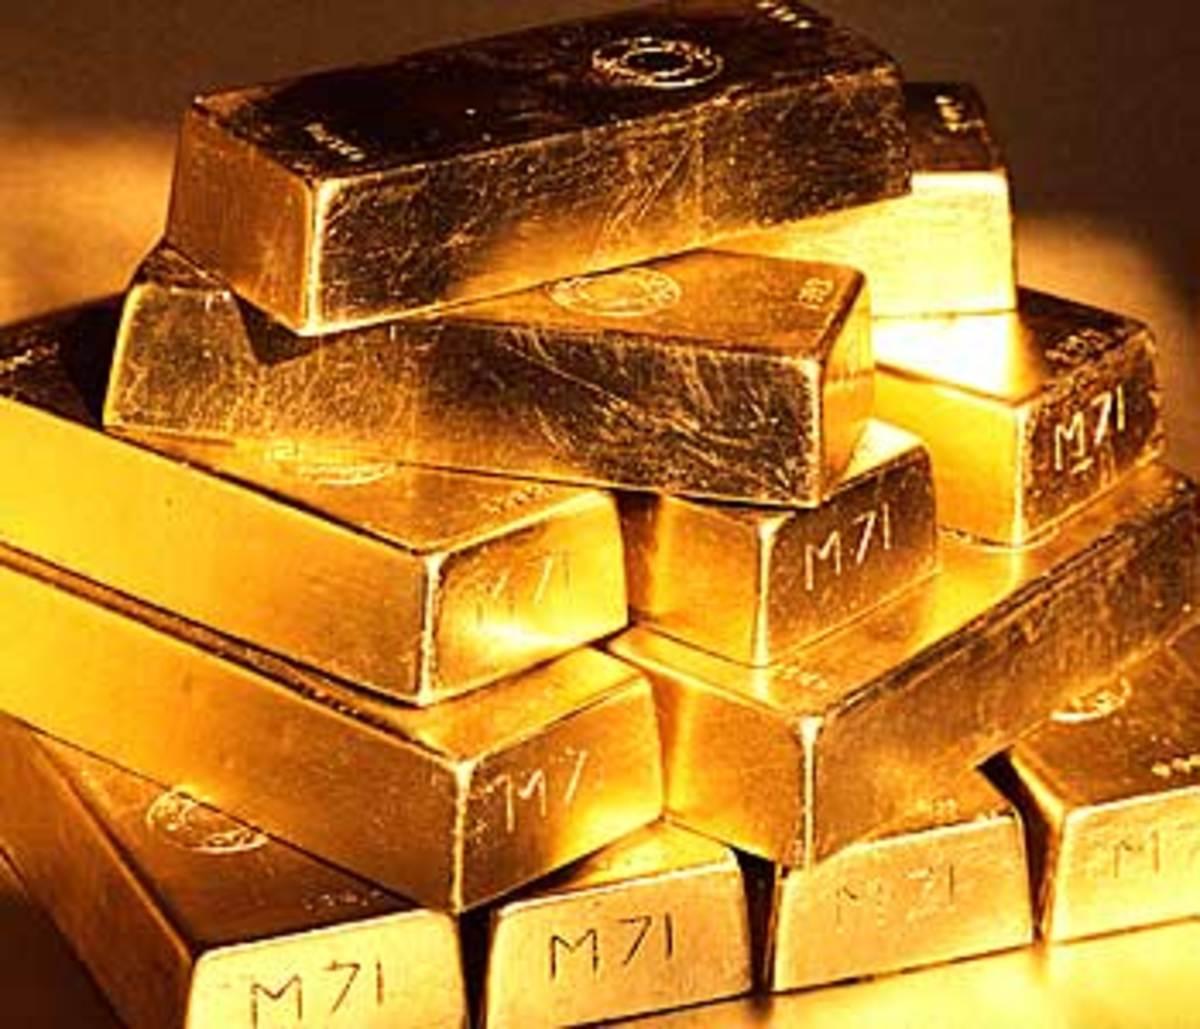 Τρίκαλα: Πλήρωσε σε τσιπουράδικο με πλακίδιο χρυσού! | Newsit.gr